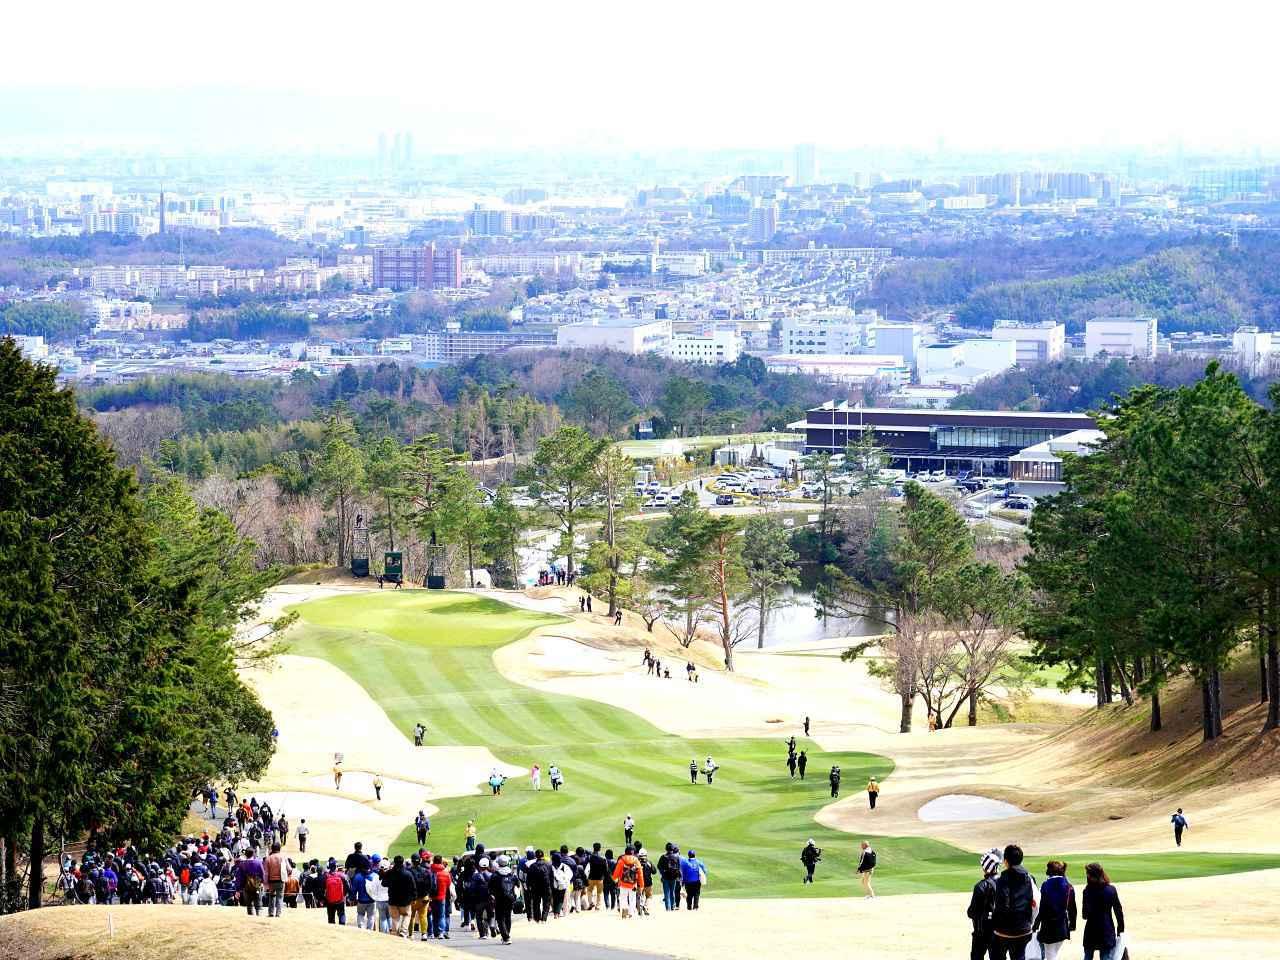 画像: 2019年のTポイント&ENEOSトーナメント。茨木国際ゴルフ倶楽部で開催され、上田桃子プロが優勝。今年は鹿児島高牧カントリークラブで開催予定だった